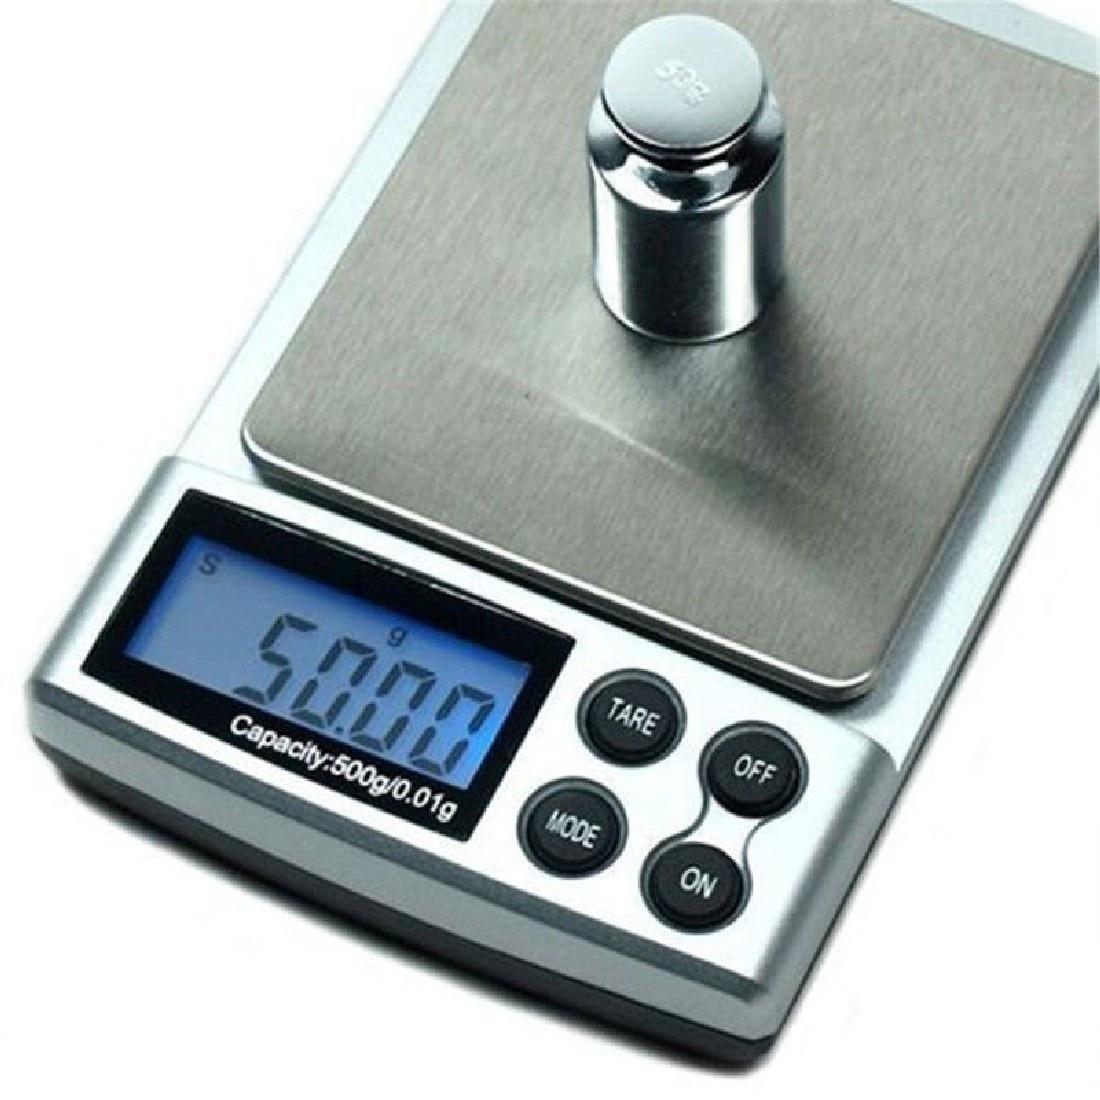 1db 500g x 0,01 g digitális precíziós mérleg arany ezüst - Mérőműszerek - Fénykép 4